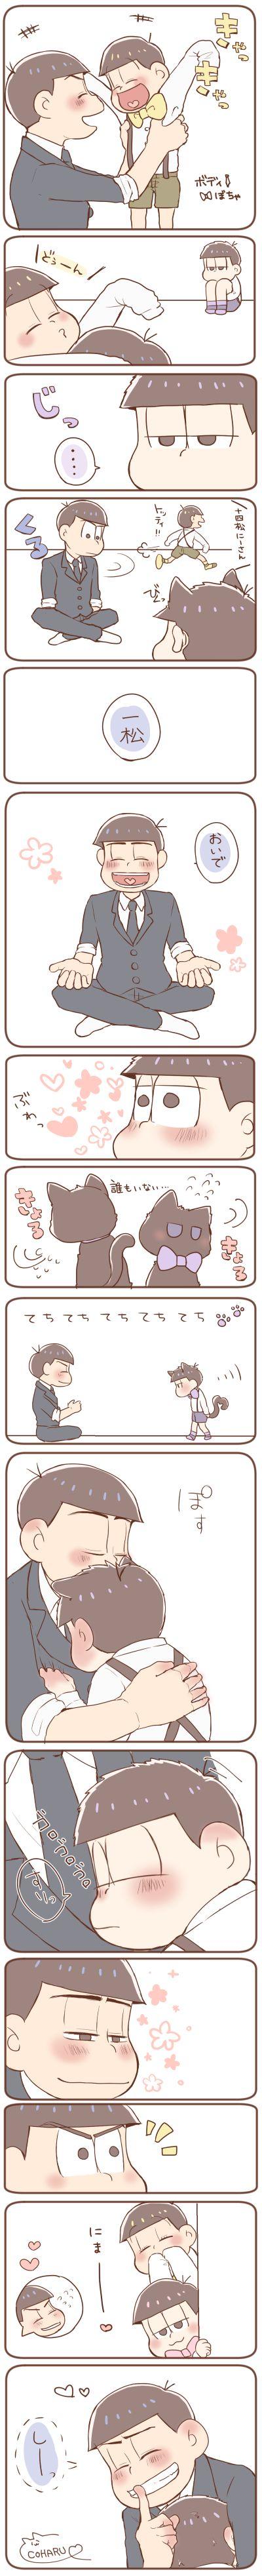 「おそまつまとめ8」/「こはる」の漫画 [pixiv]